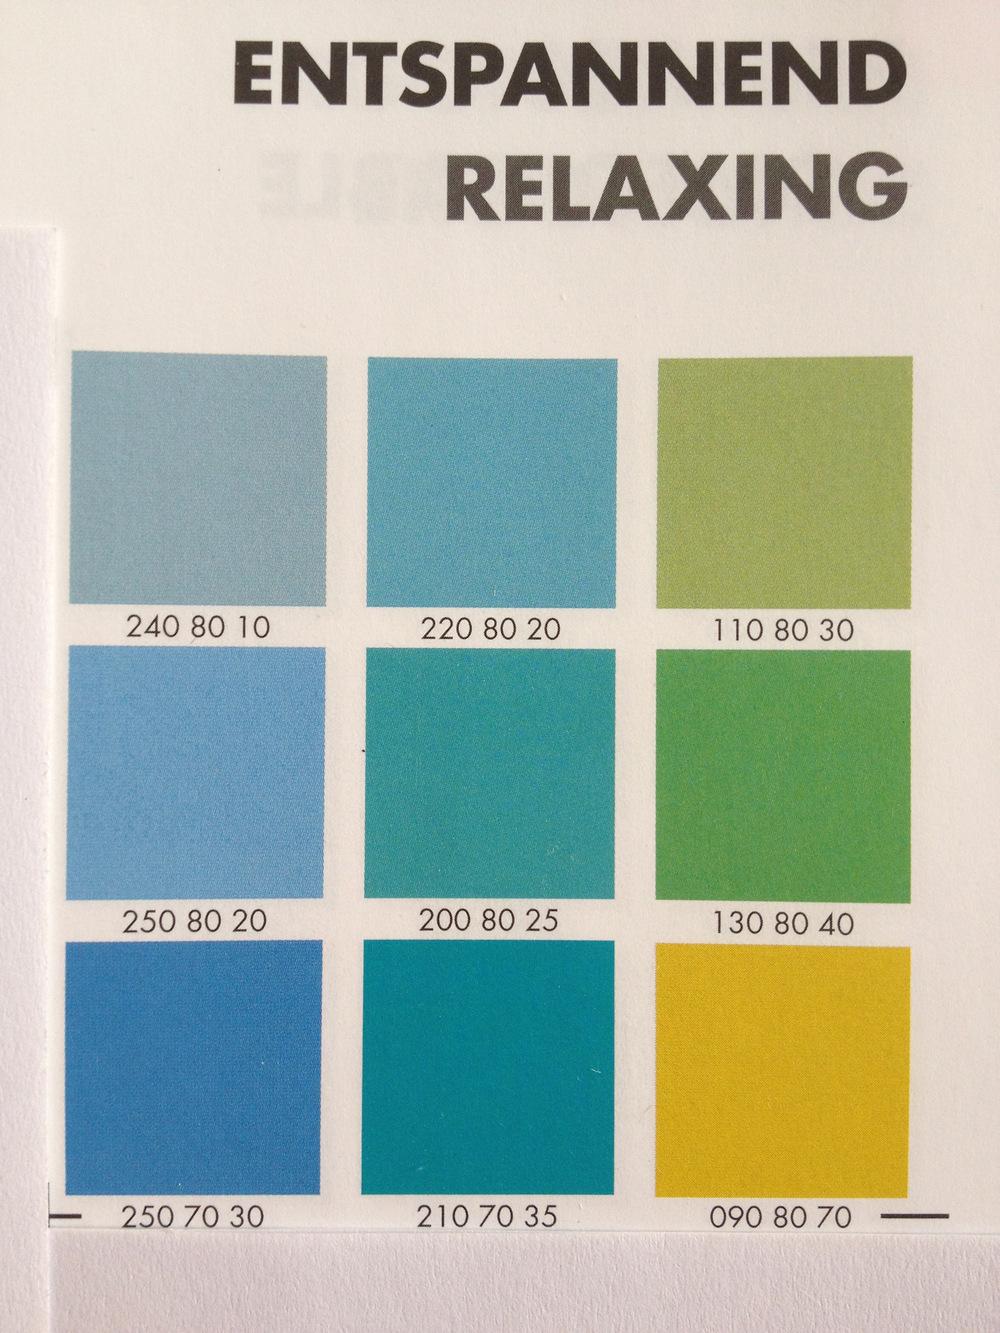 heikeschroeder.com - Das Farbkonzept: Beruhigende, wohltuend wirkende Farben aus der Natur, die den Heilungsprozess fördern können.